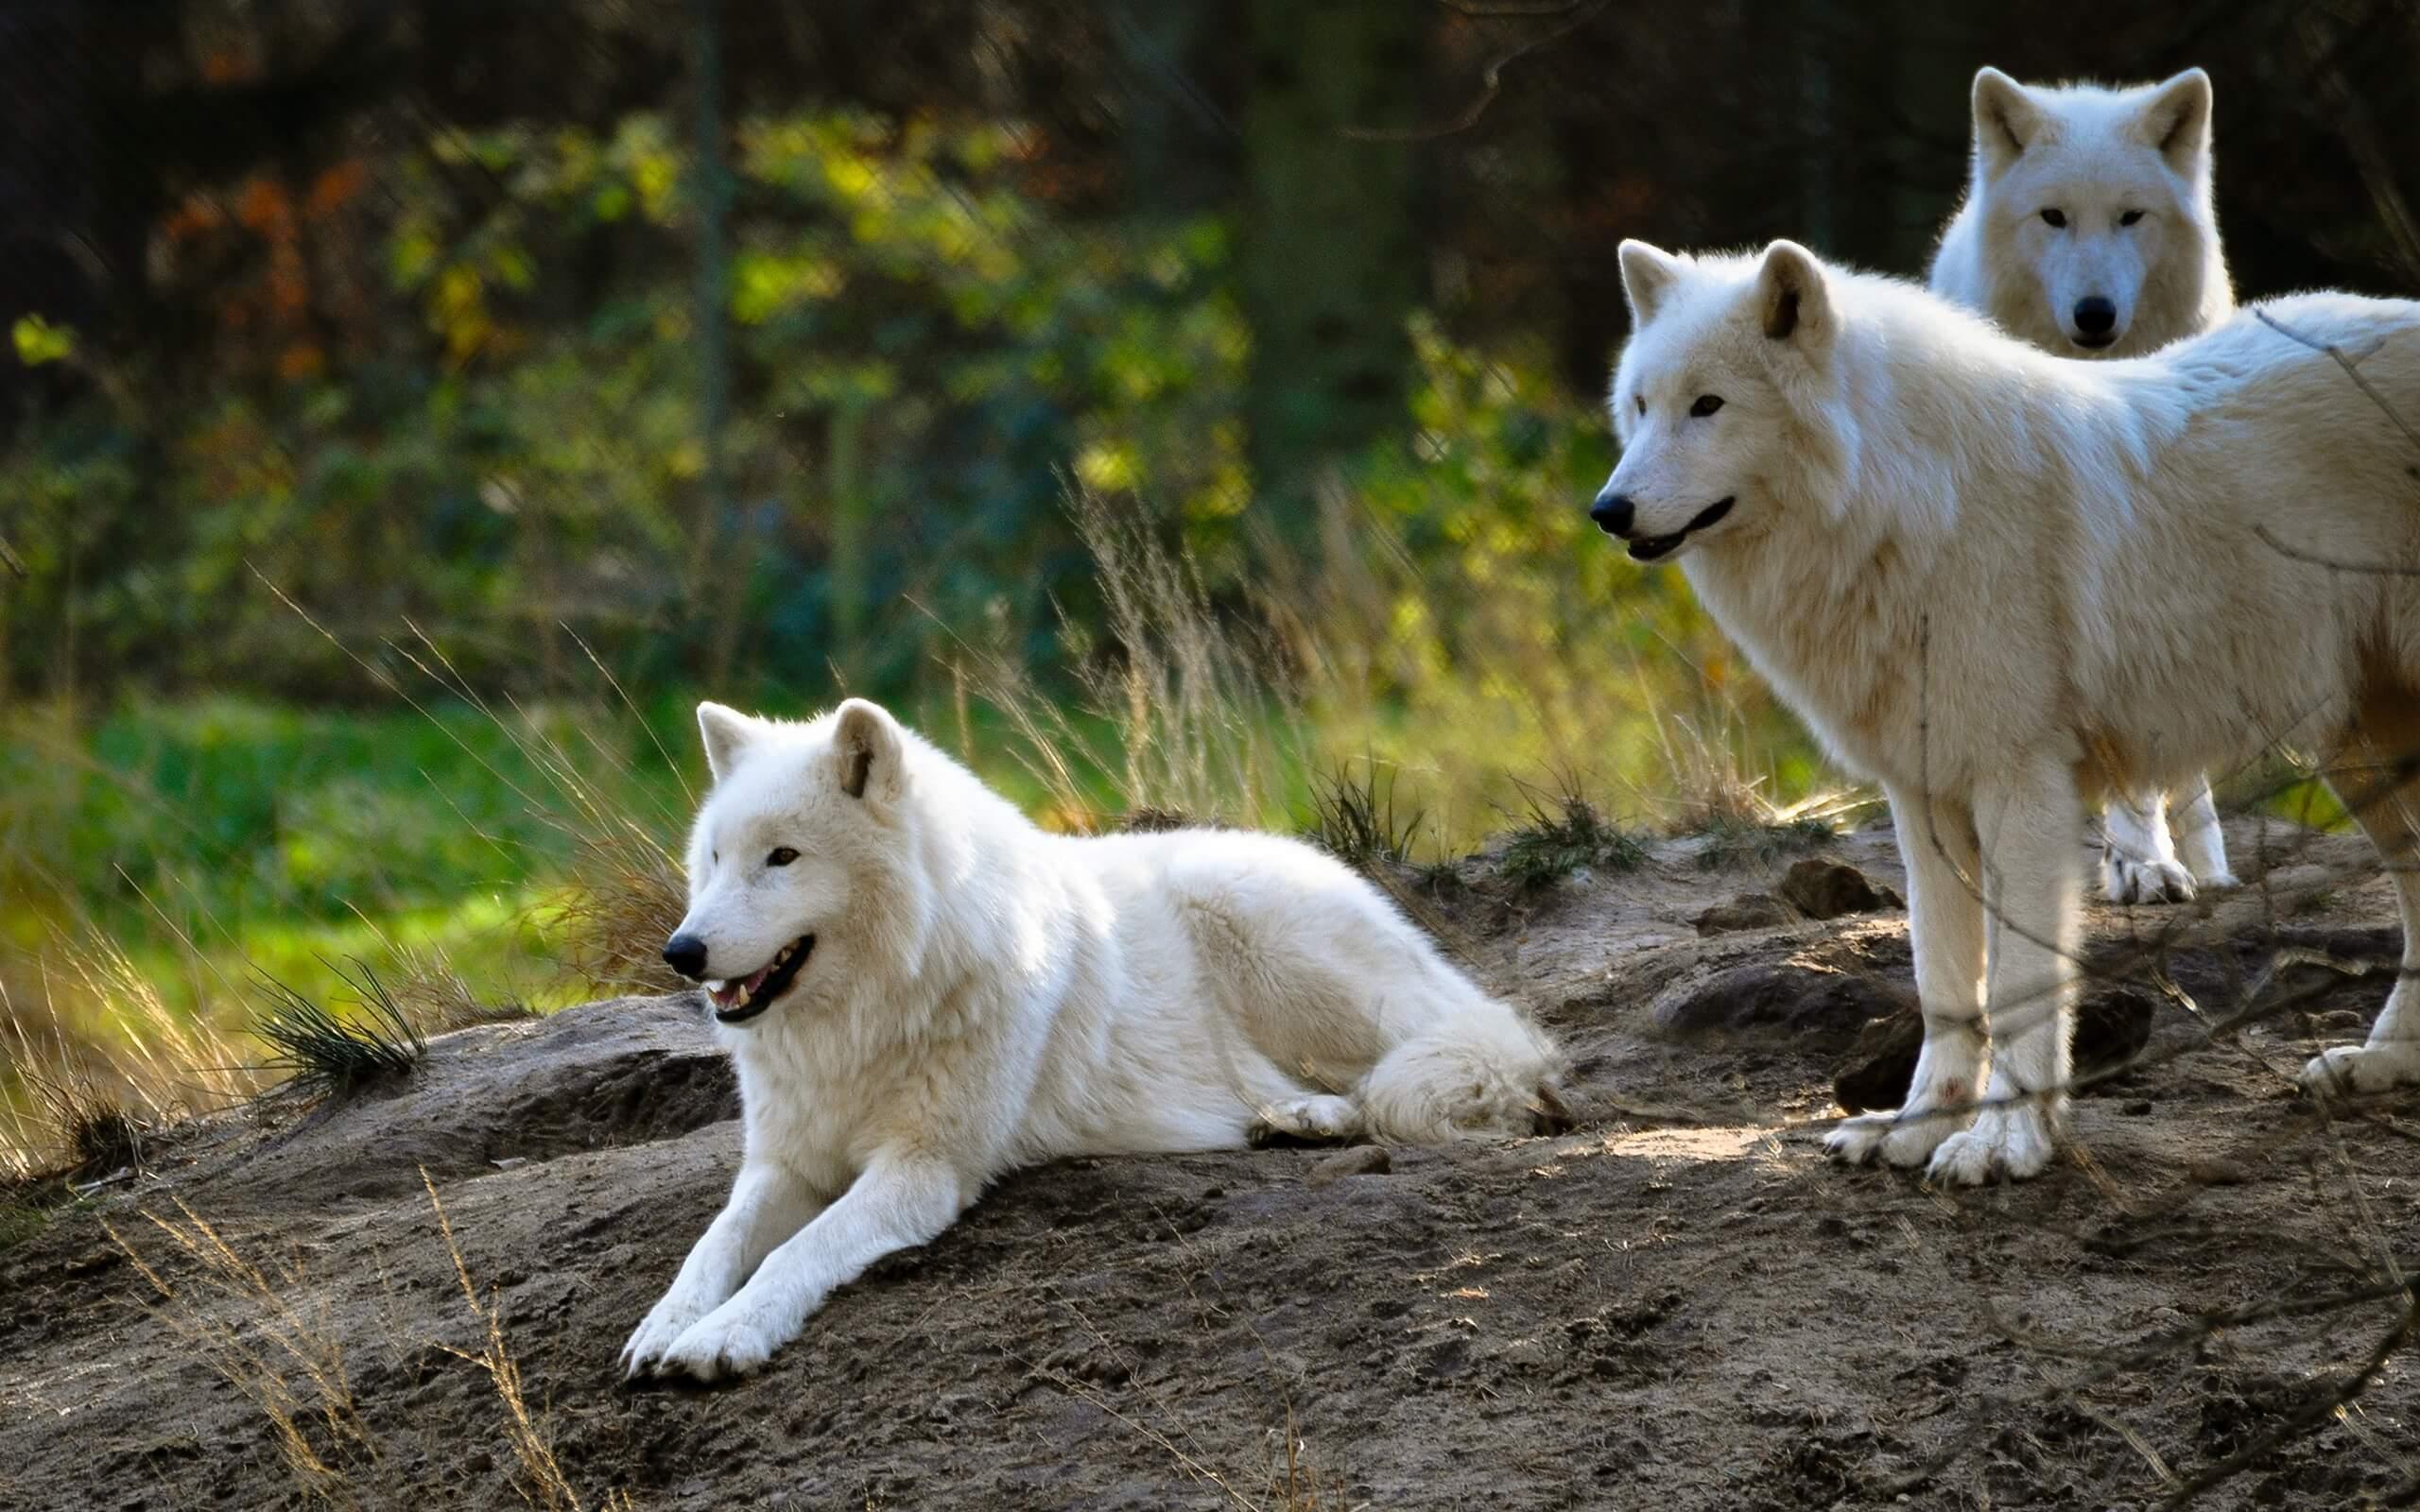 Трёх полярных волков привезли в Новосибирский зоопарк из Чехии - Пражский Телеграф